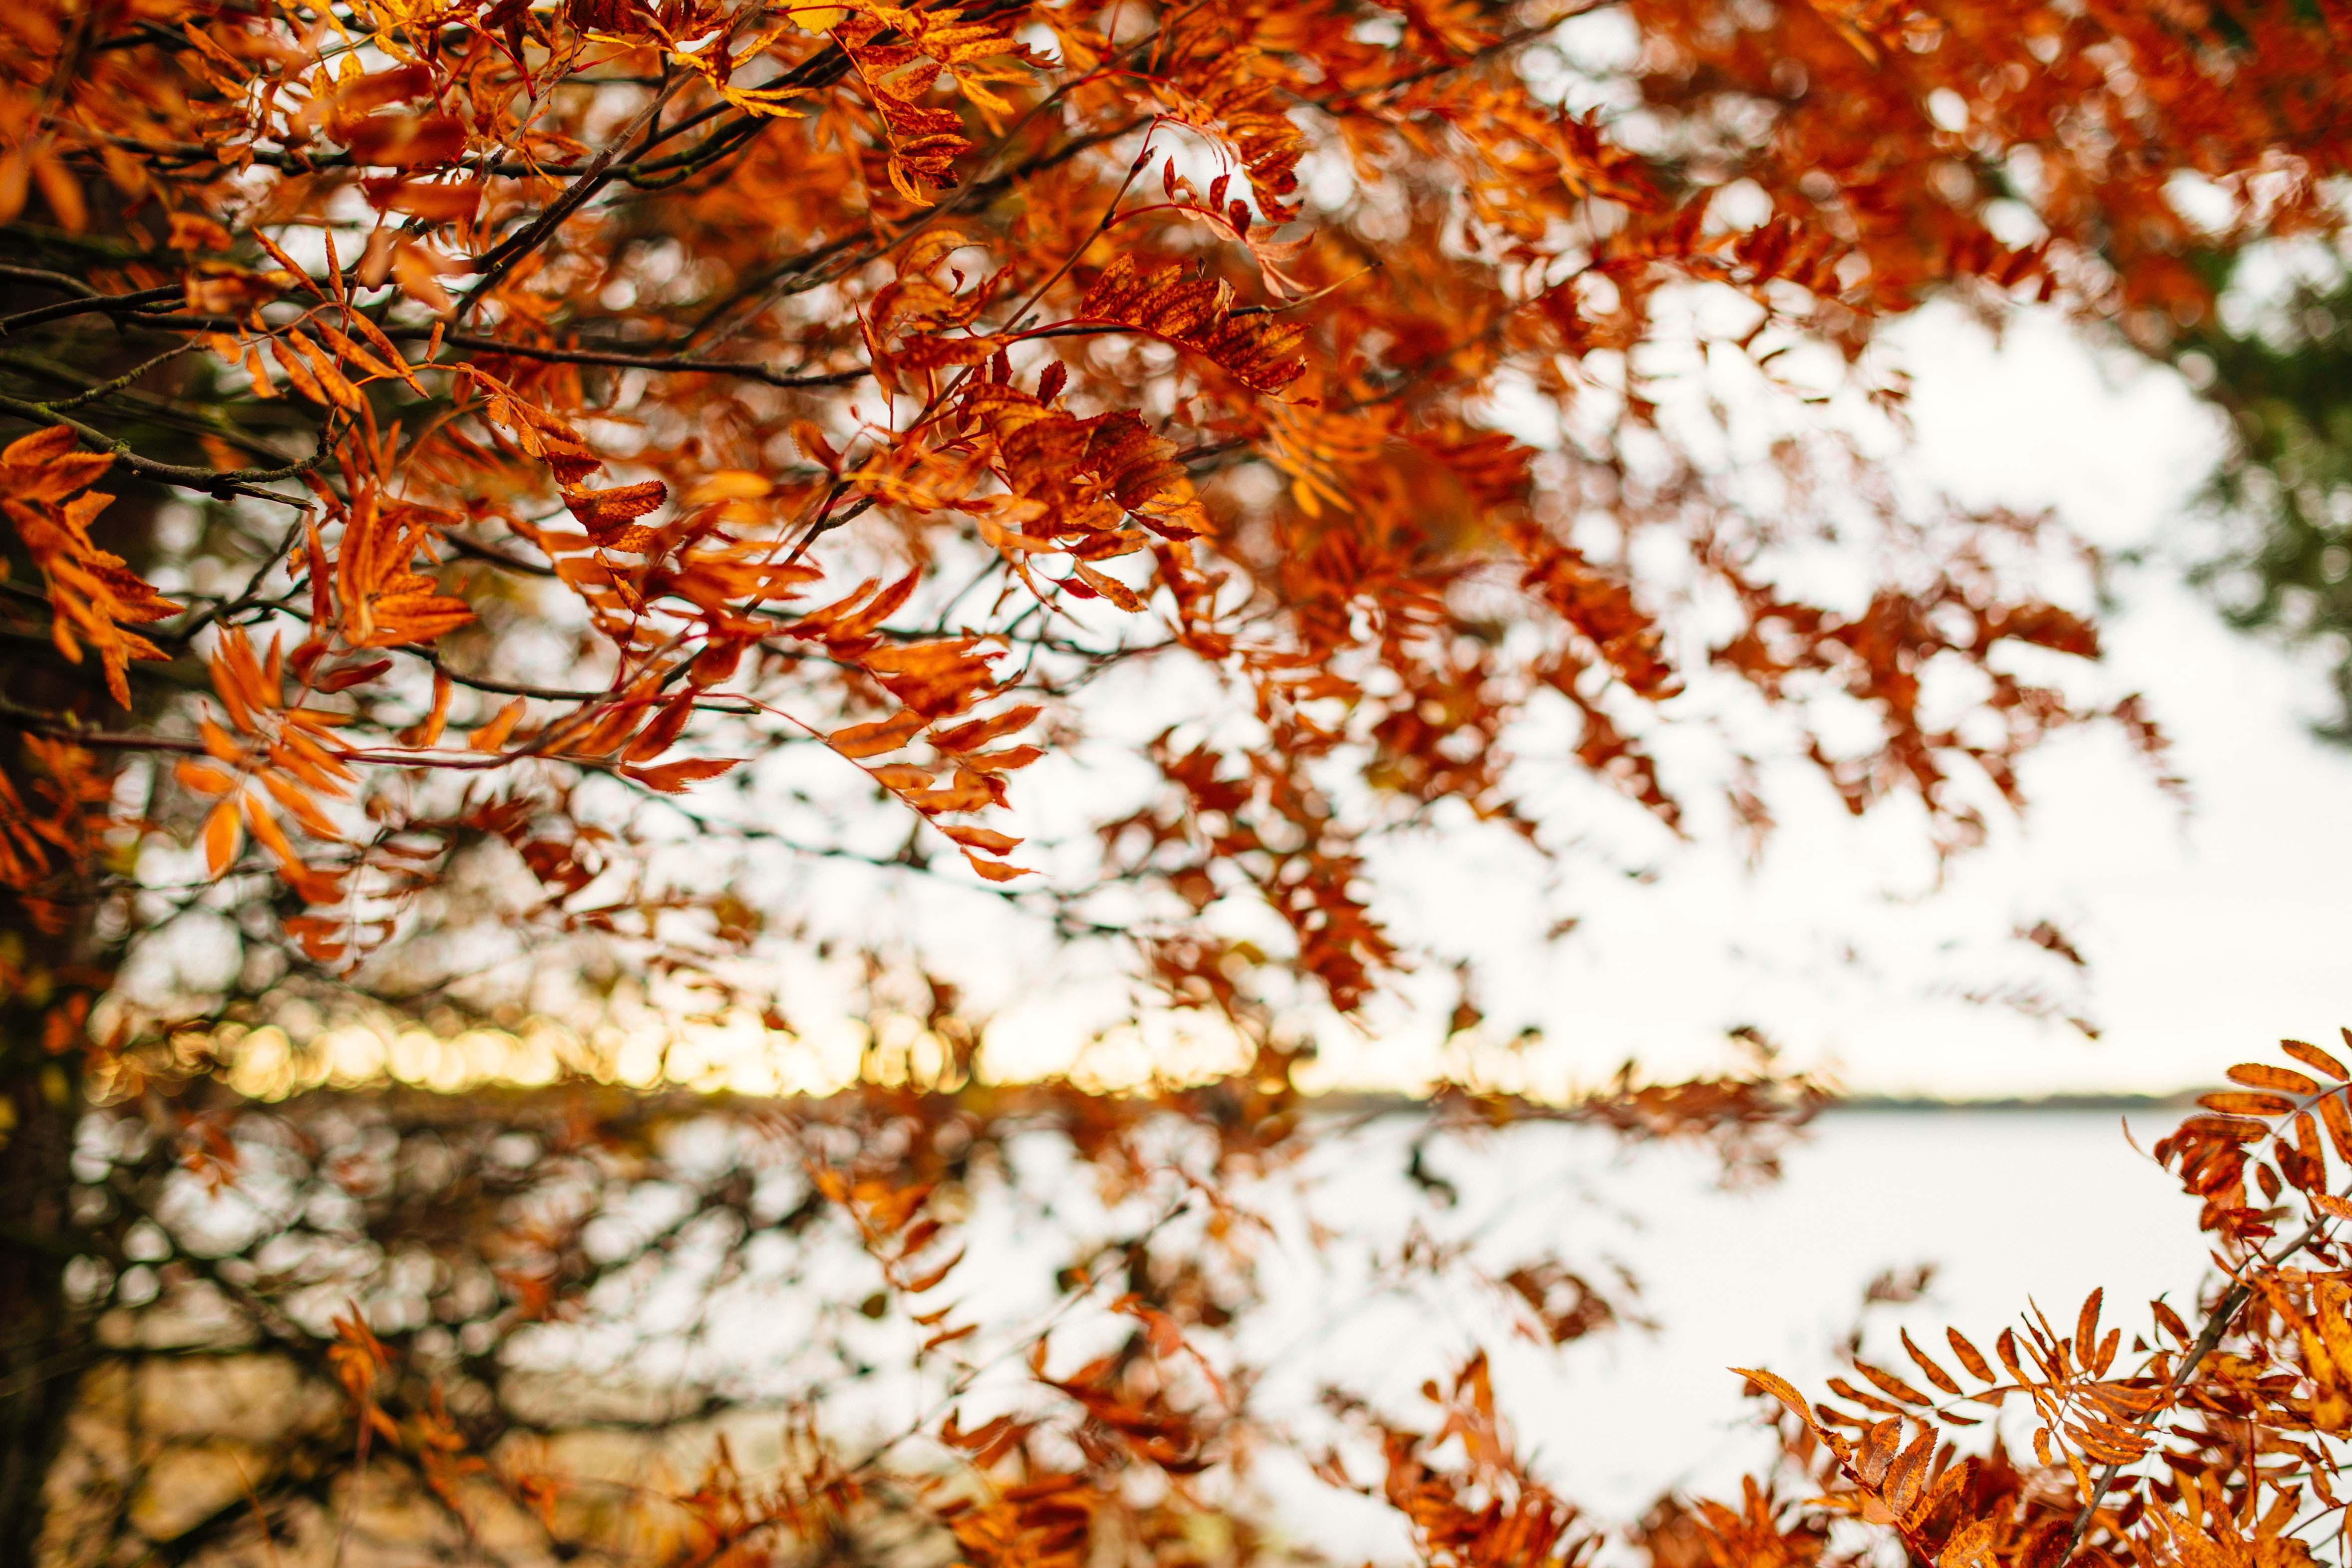 подарочные часы деревья с опавшей листвой картинки покатала плечах наставника